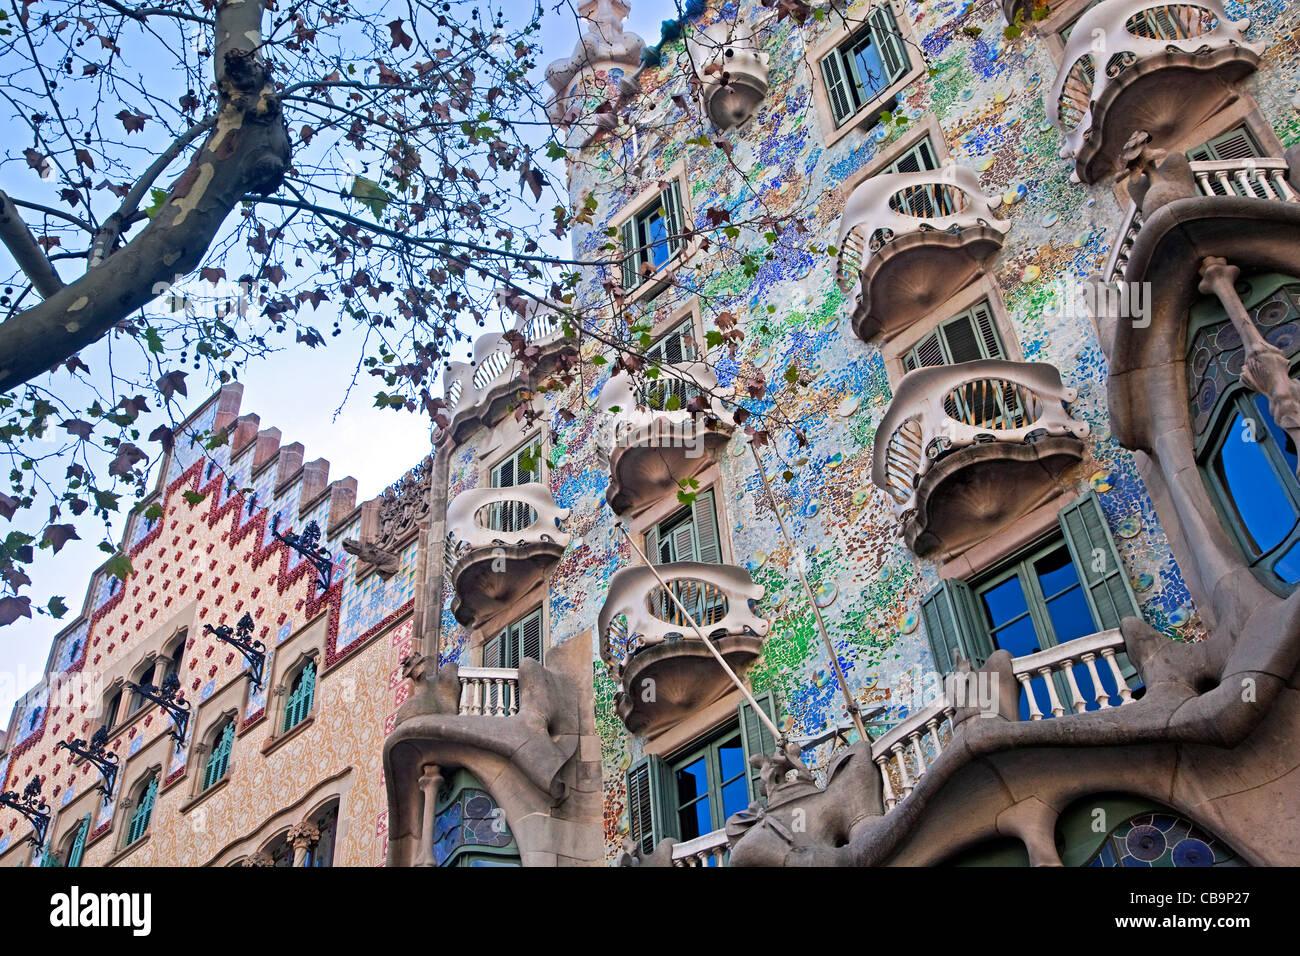 Casa Milà / La Pedrera, bâtiment conçu par l'architecte catalan Antoni Gaudí, Barcelone, Photo Stock